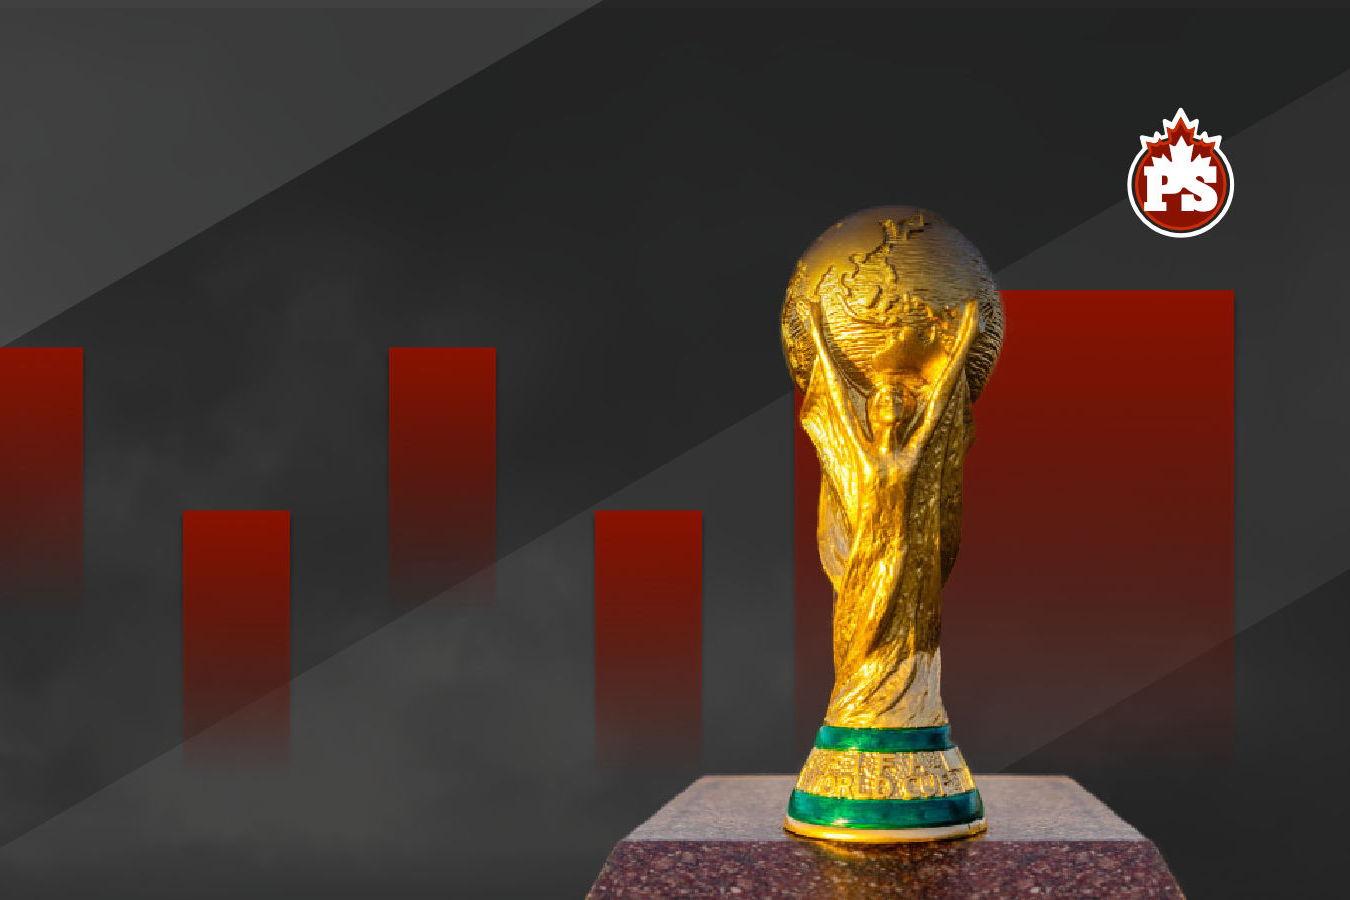 Les Paris Pour Les Qualifications à La Coupe Du Monde